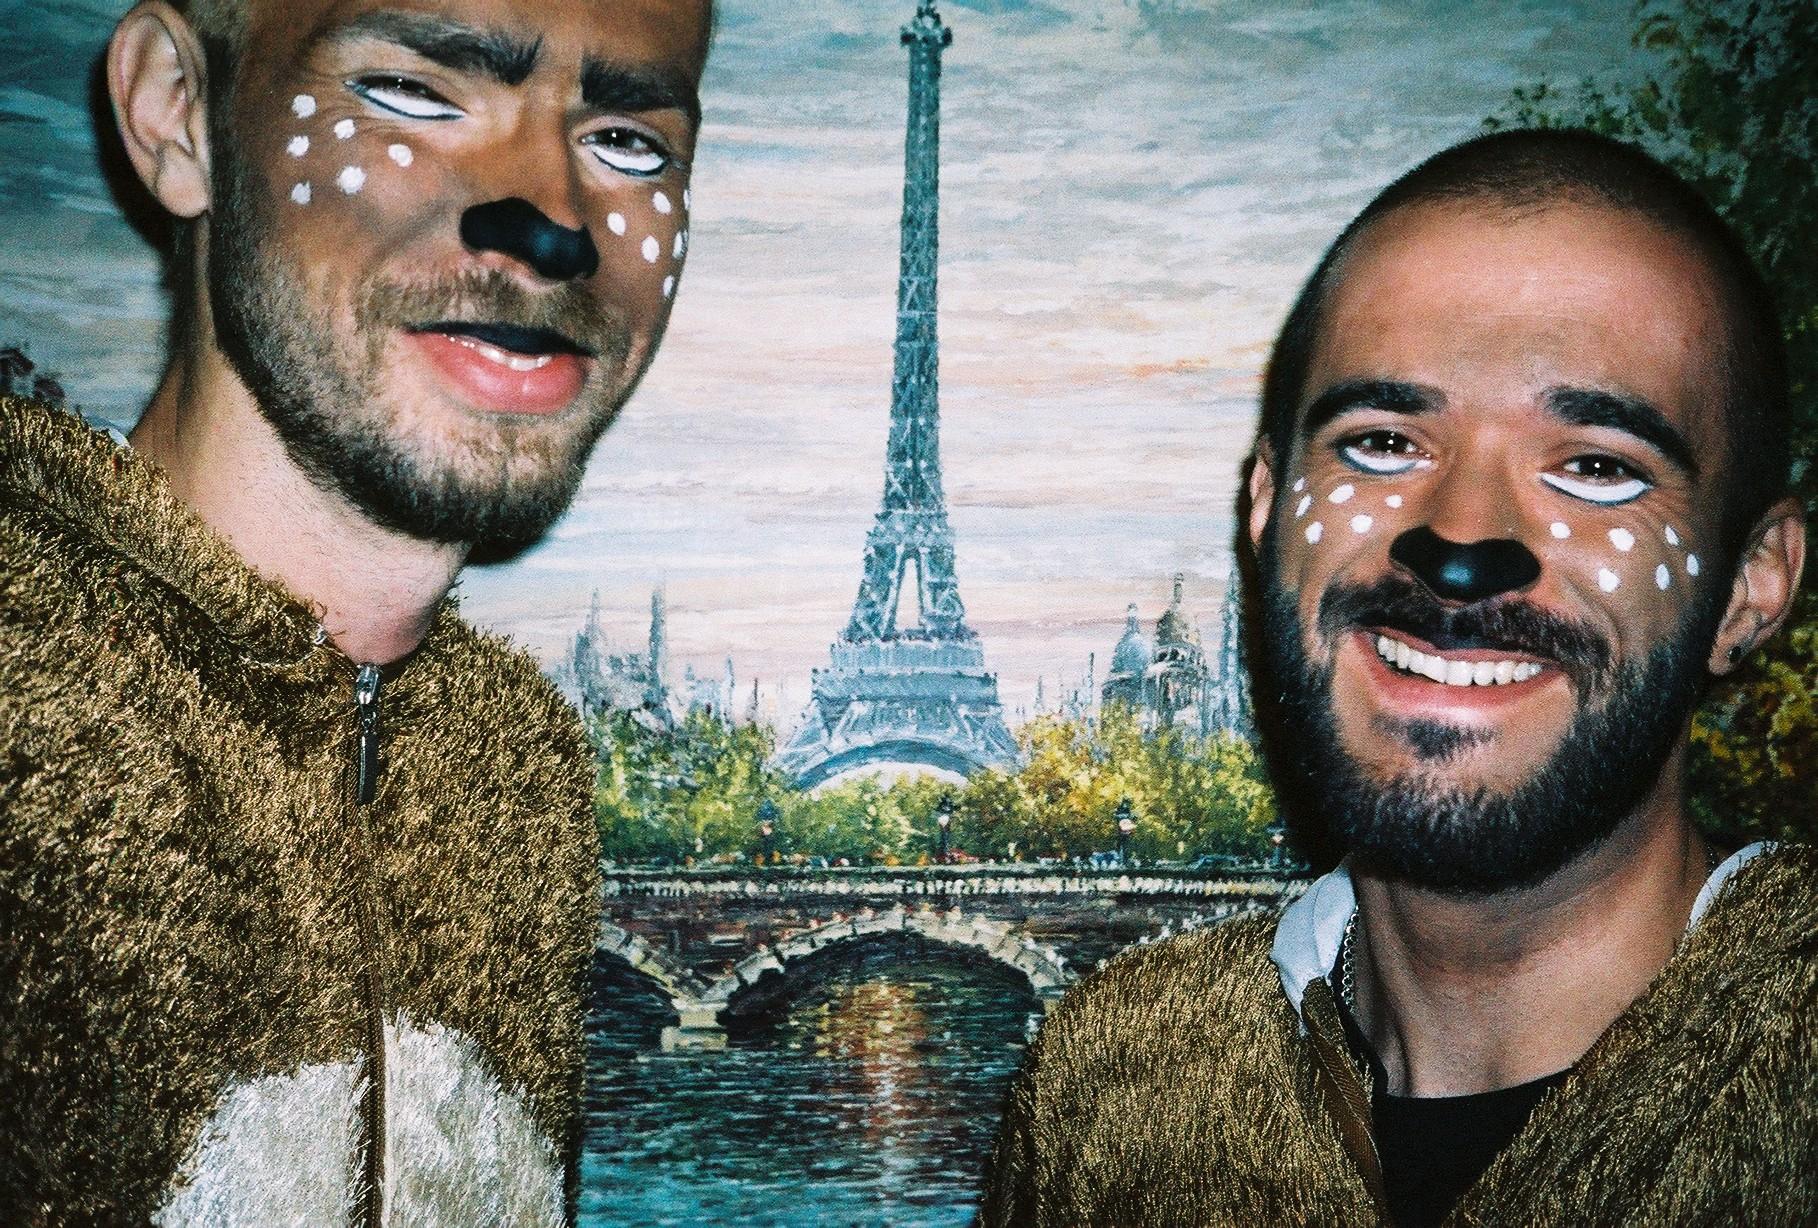 21 З любов'ю з Парижу